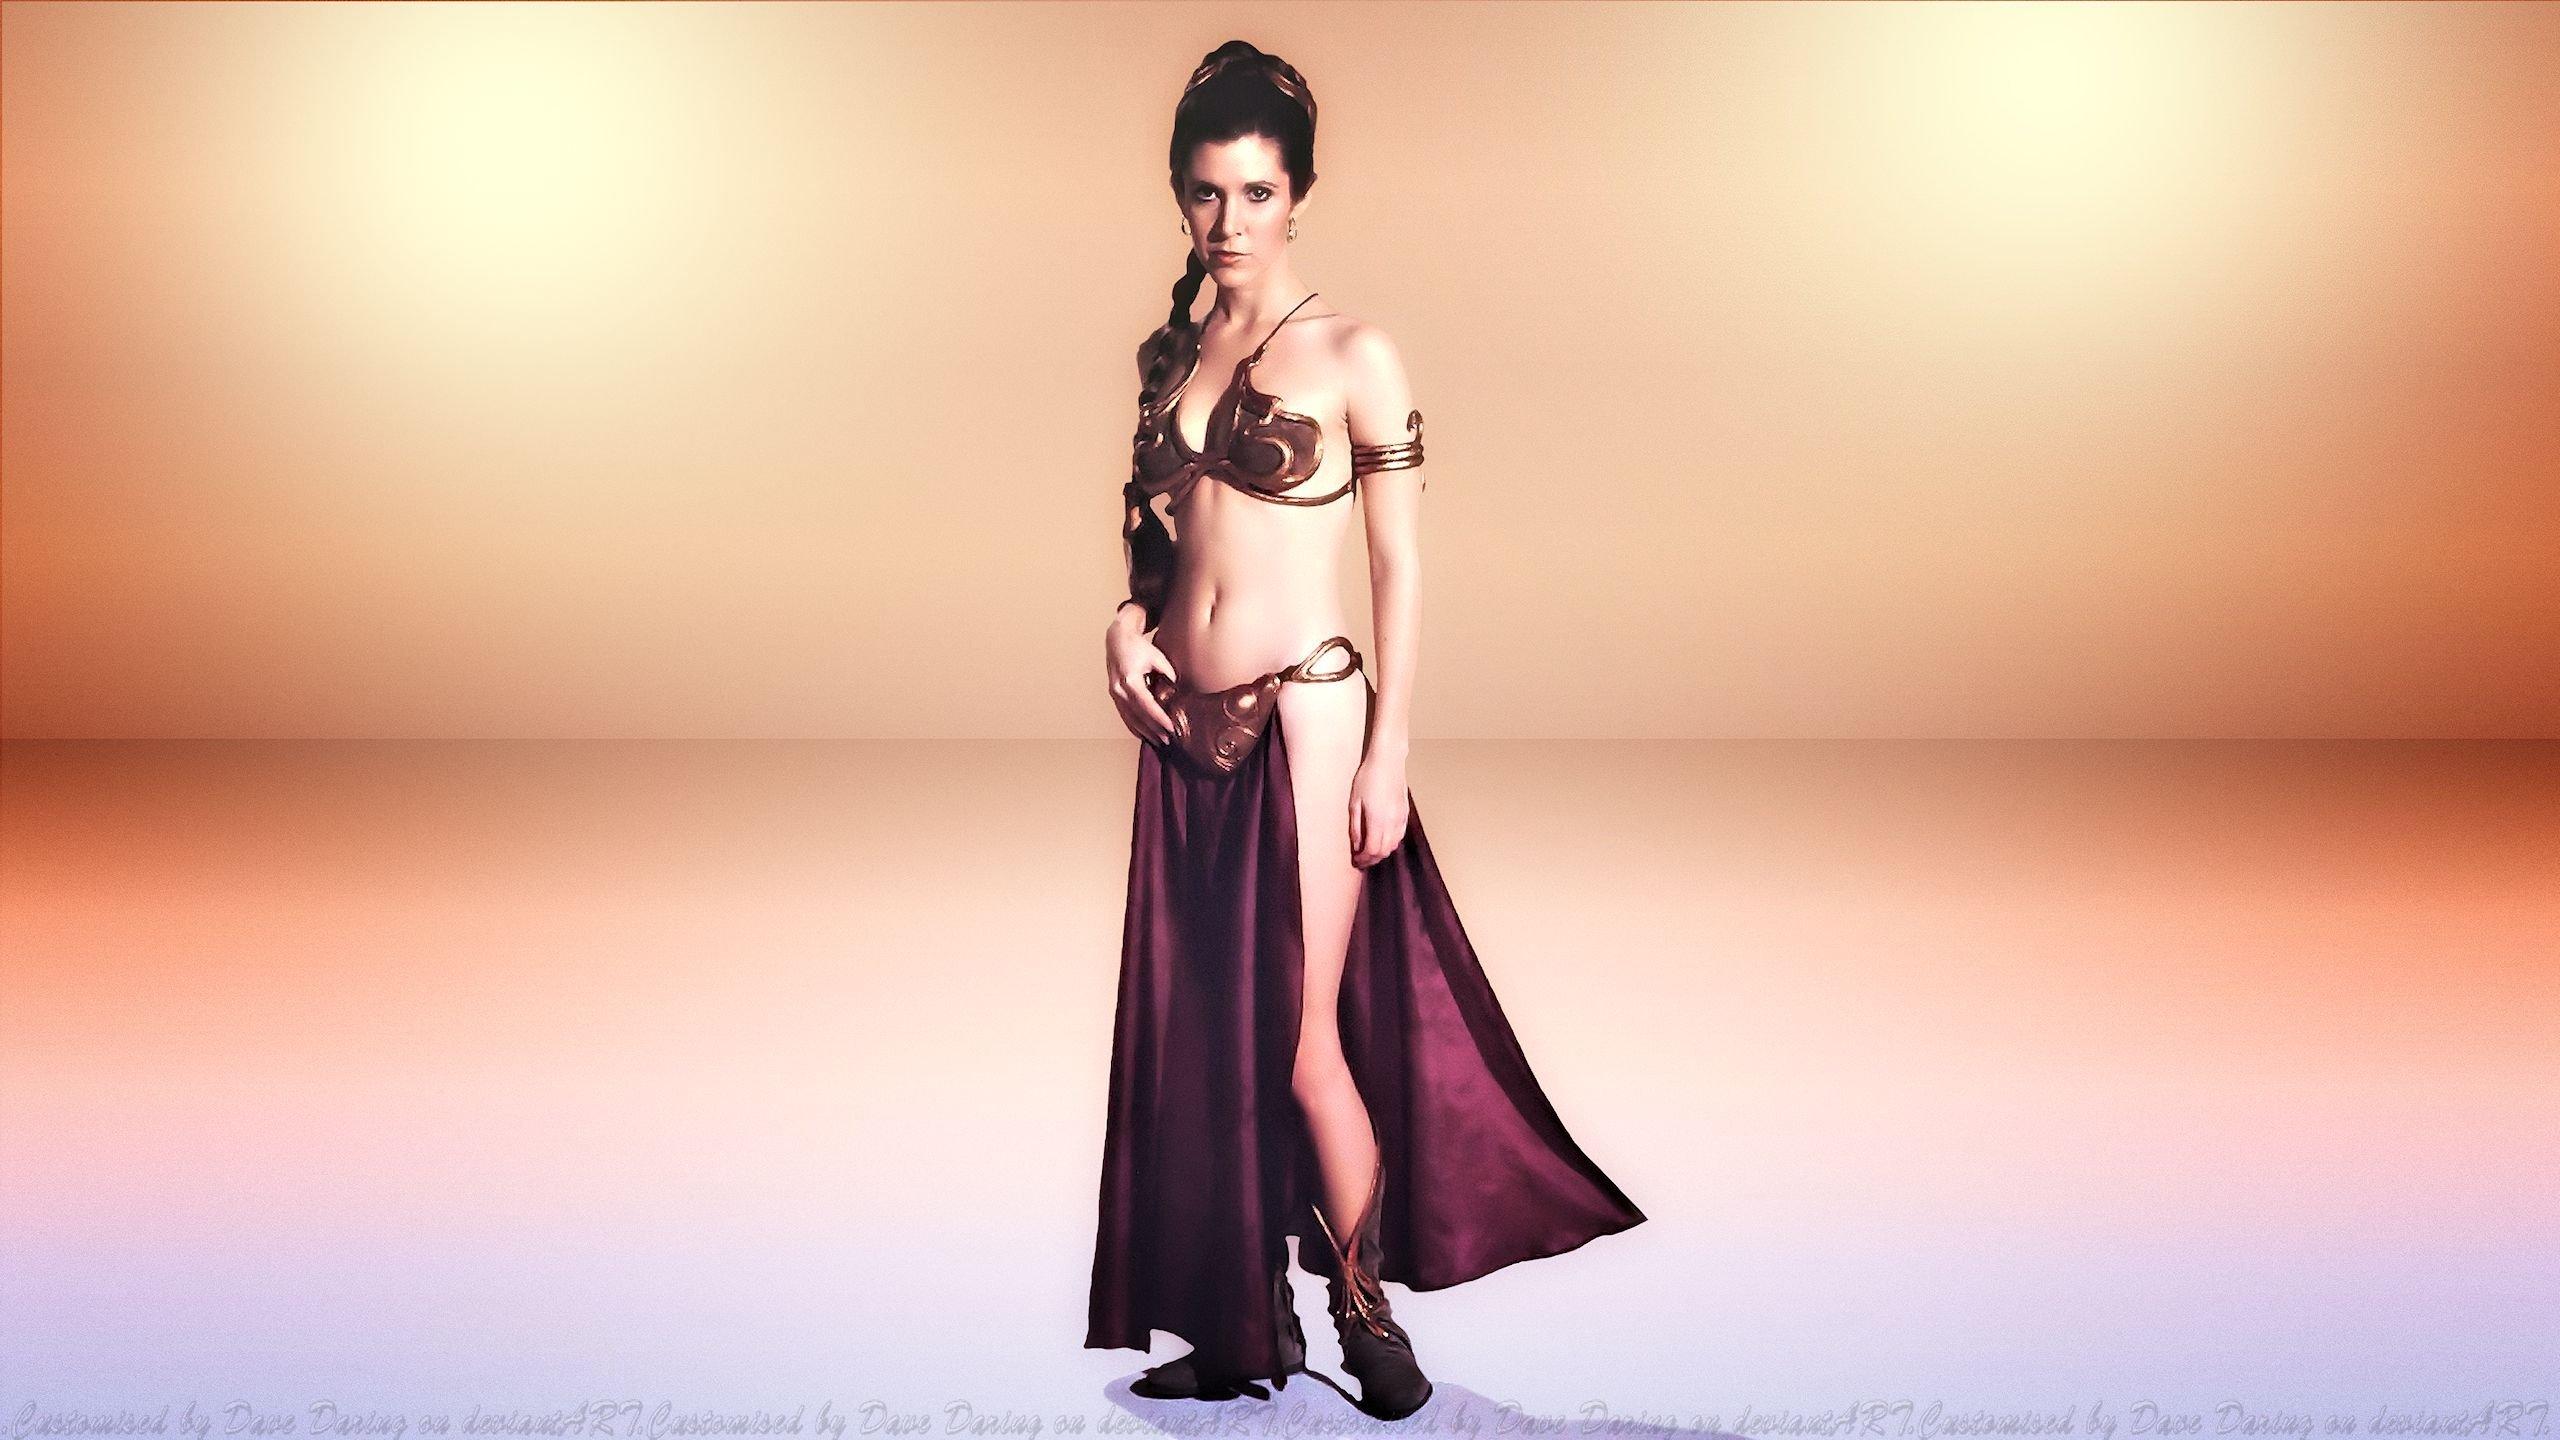 Image result for princess leia slave